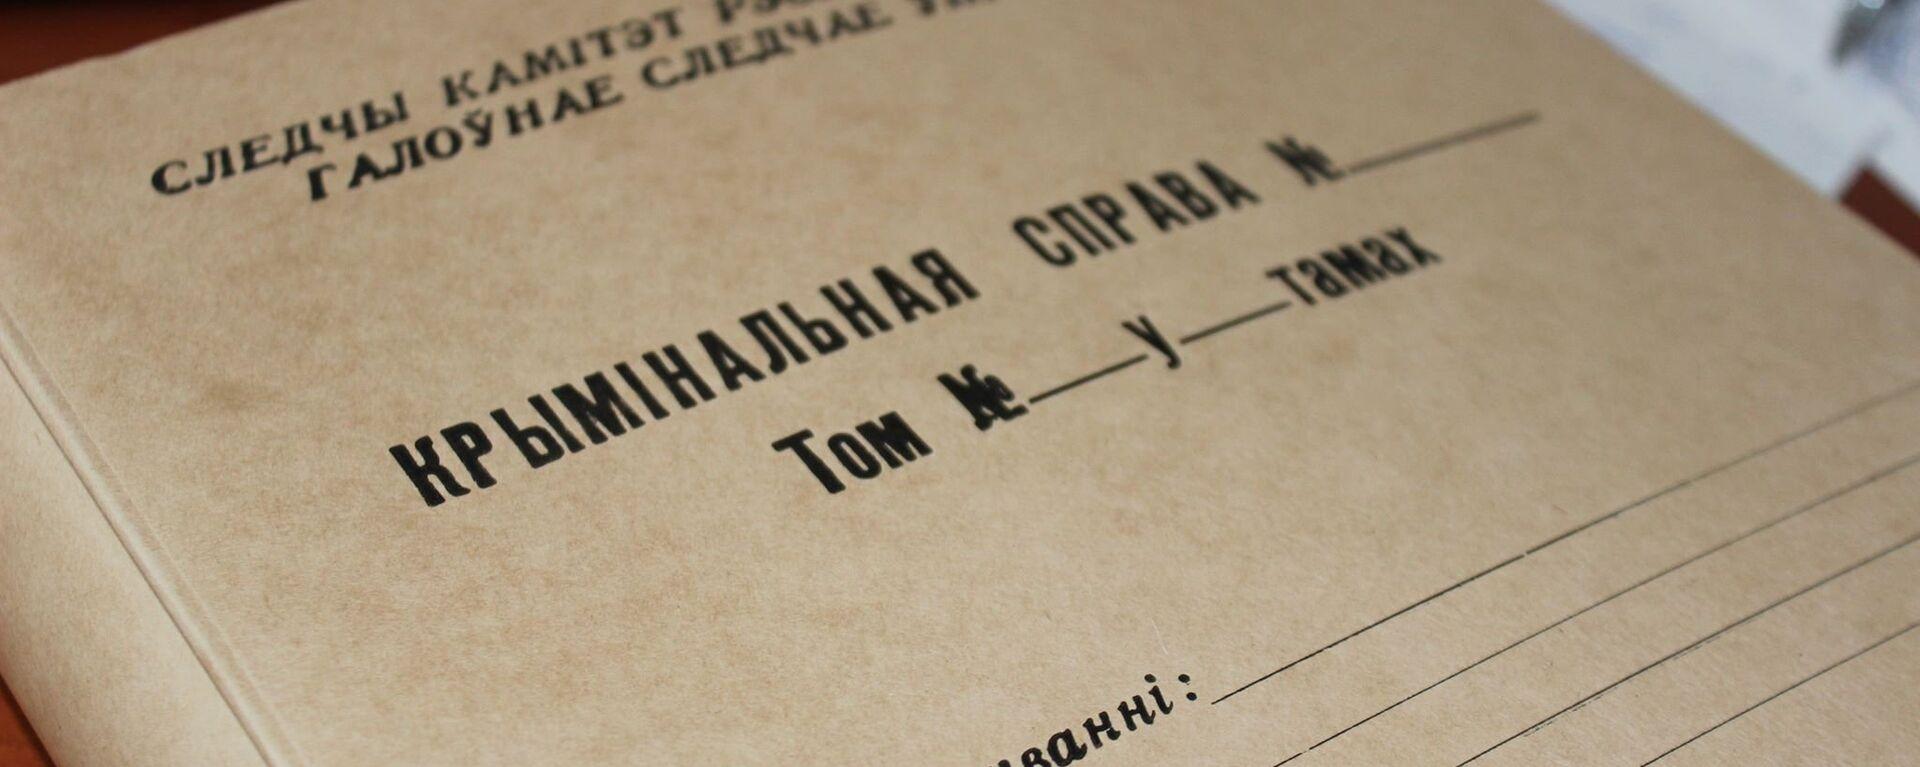 Папка для материалов уголовного дела - Sputnik Беларусь, 1920, 04.11.2020